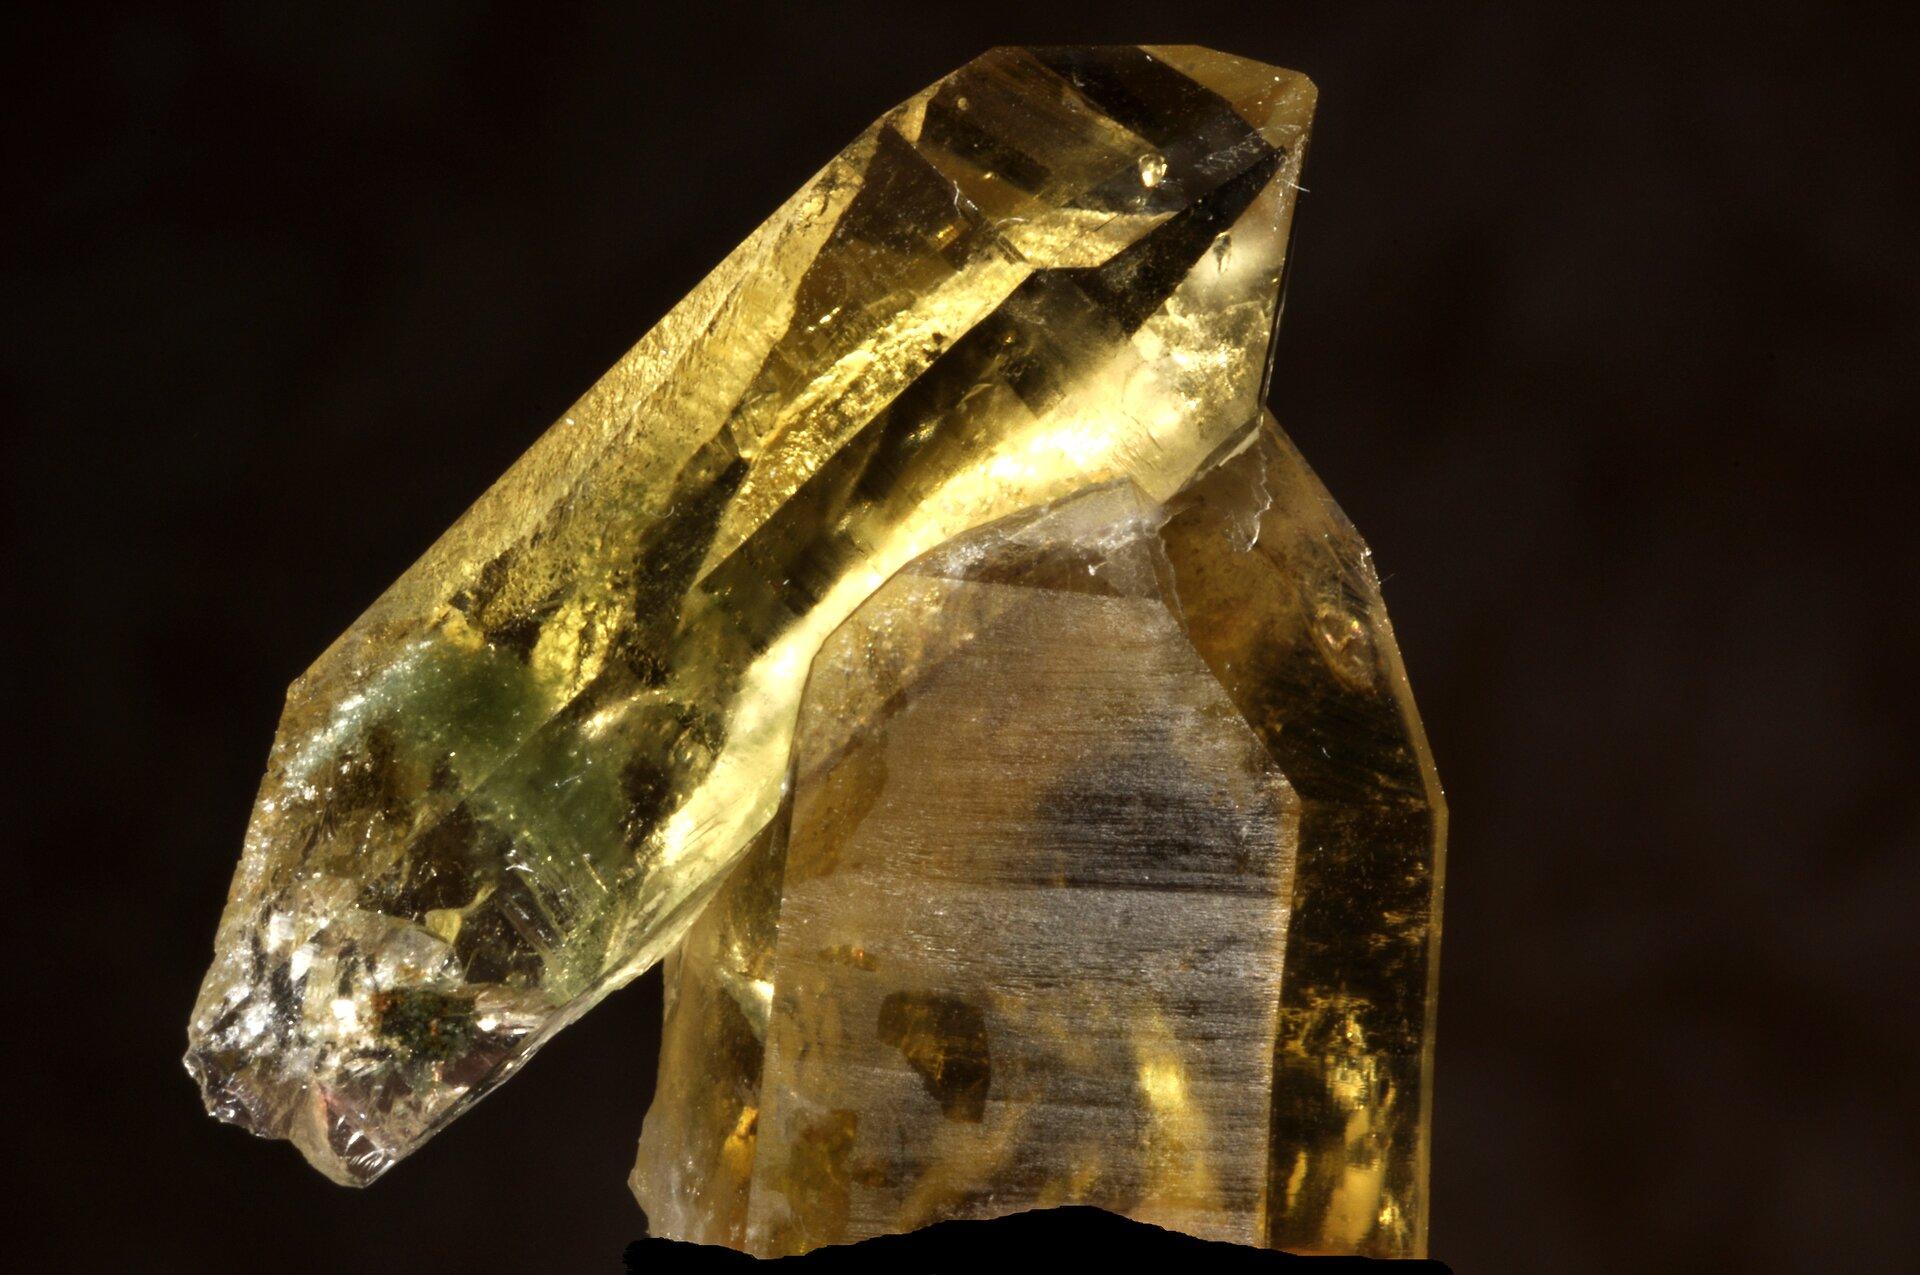 Zdjęcie przedstawia nieoszlifowany kamień szlachetny onazwie cytryn. Barwa żółta, wygląda jakby do jednego kryształu wpionie przyklejono drugi na ukos. Tło zdjęcia czarne, kamień wyraźnie podświetlony zboku.